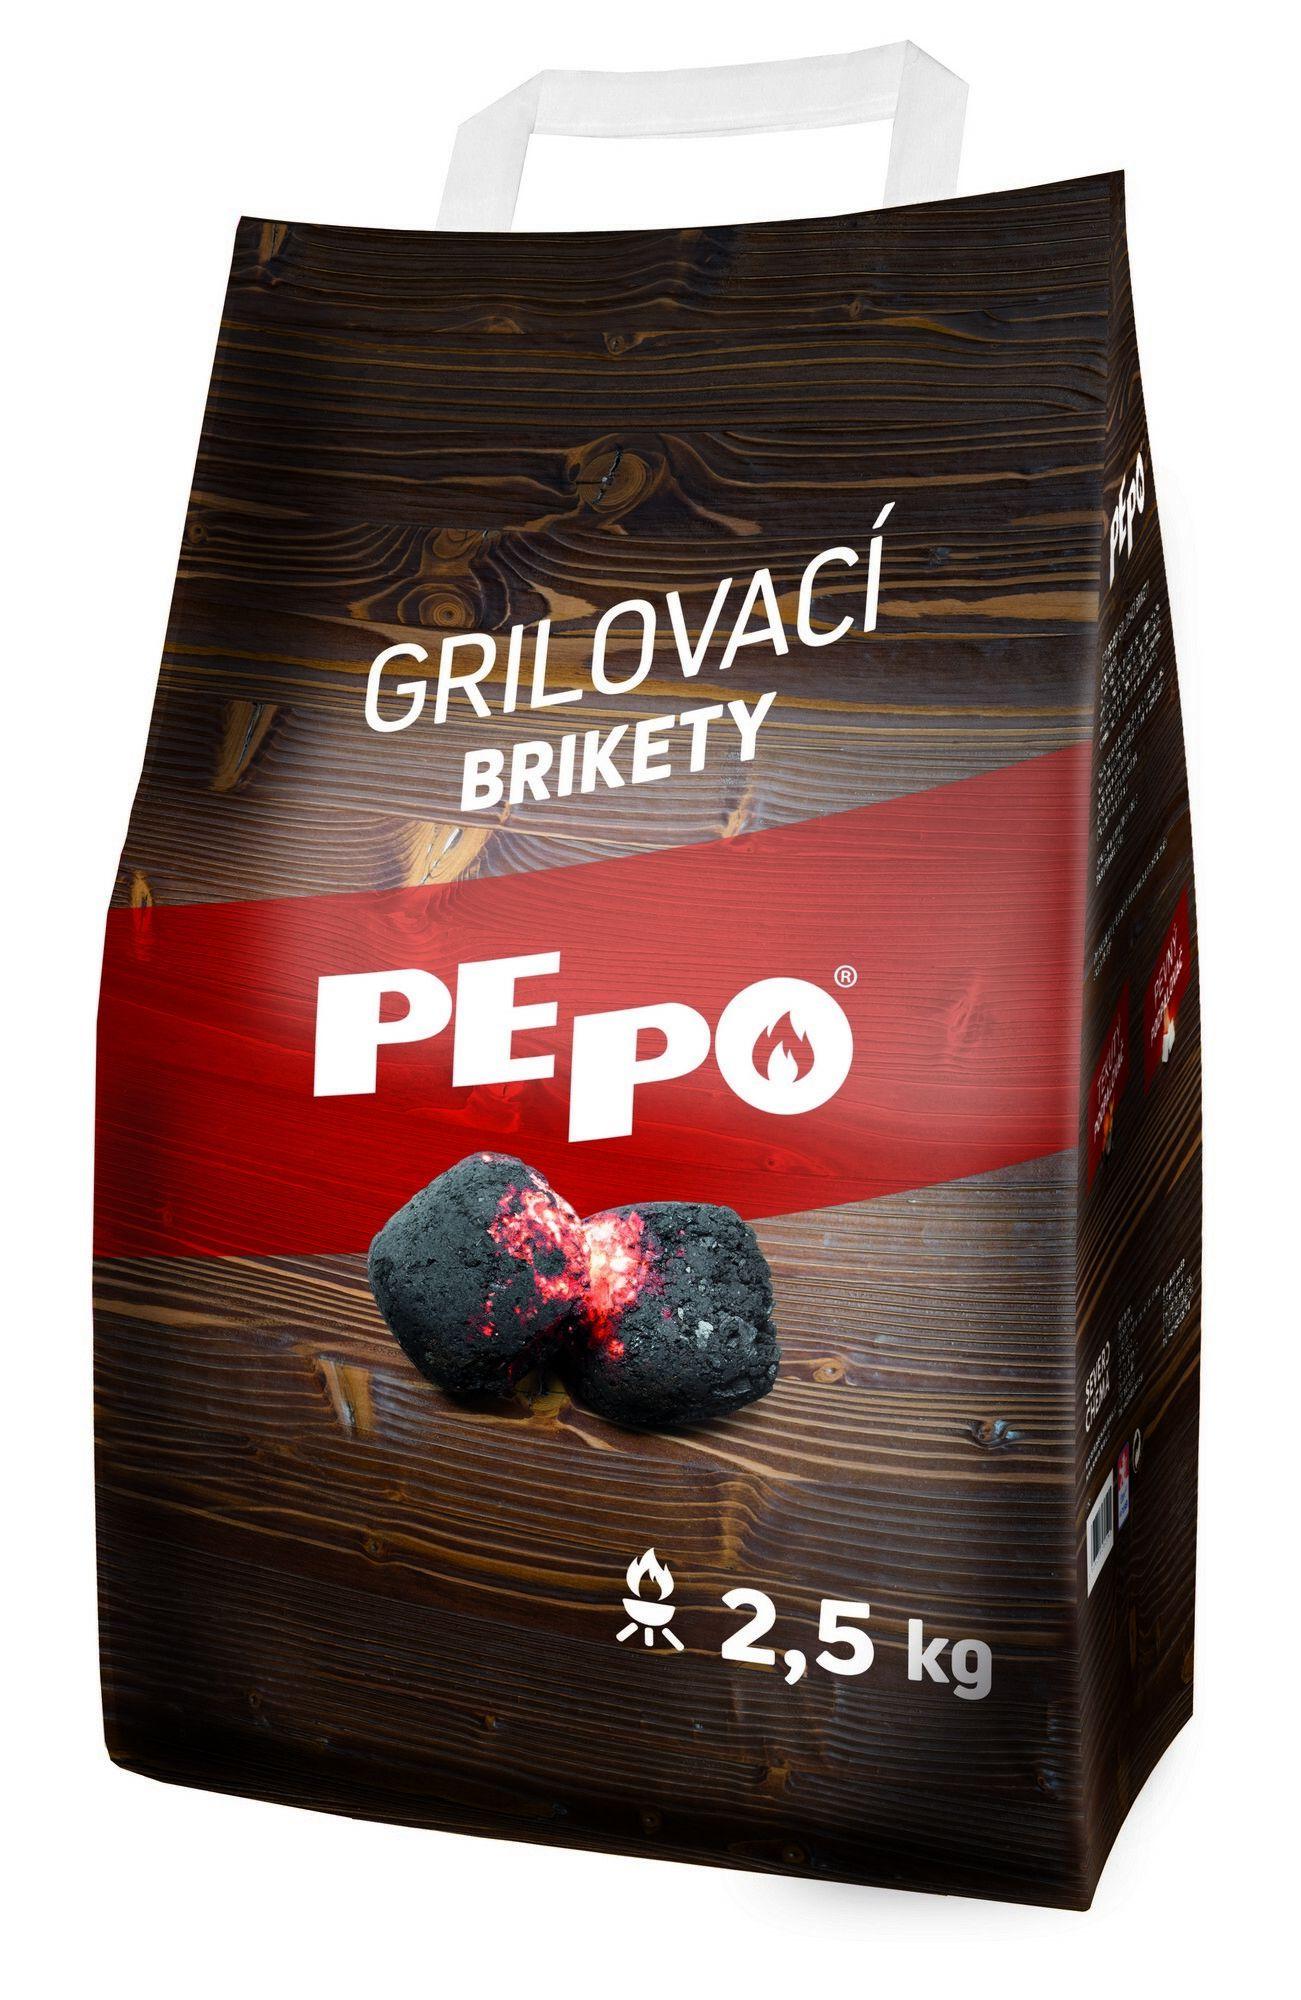 PE-PO grilovací brikety 2,5 kg PEPO